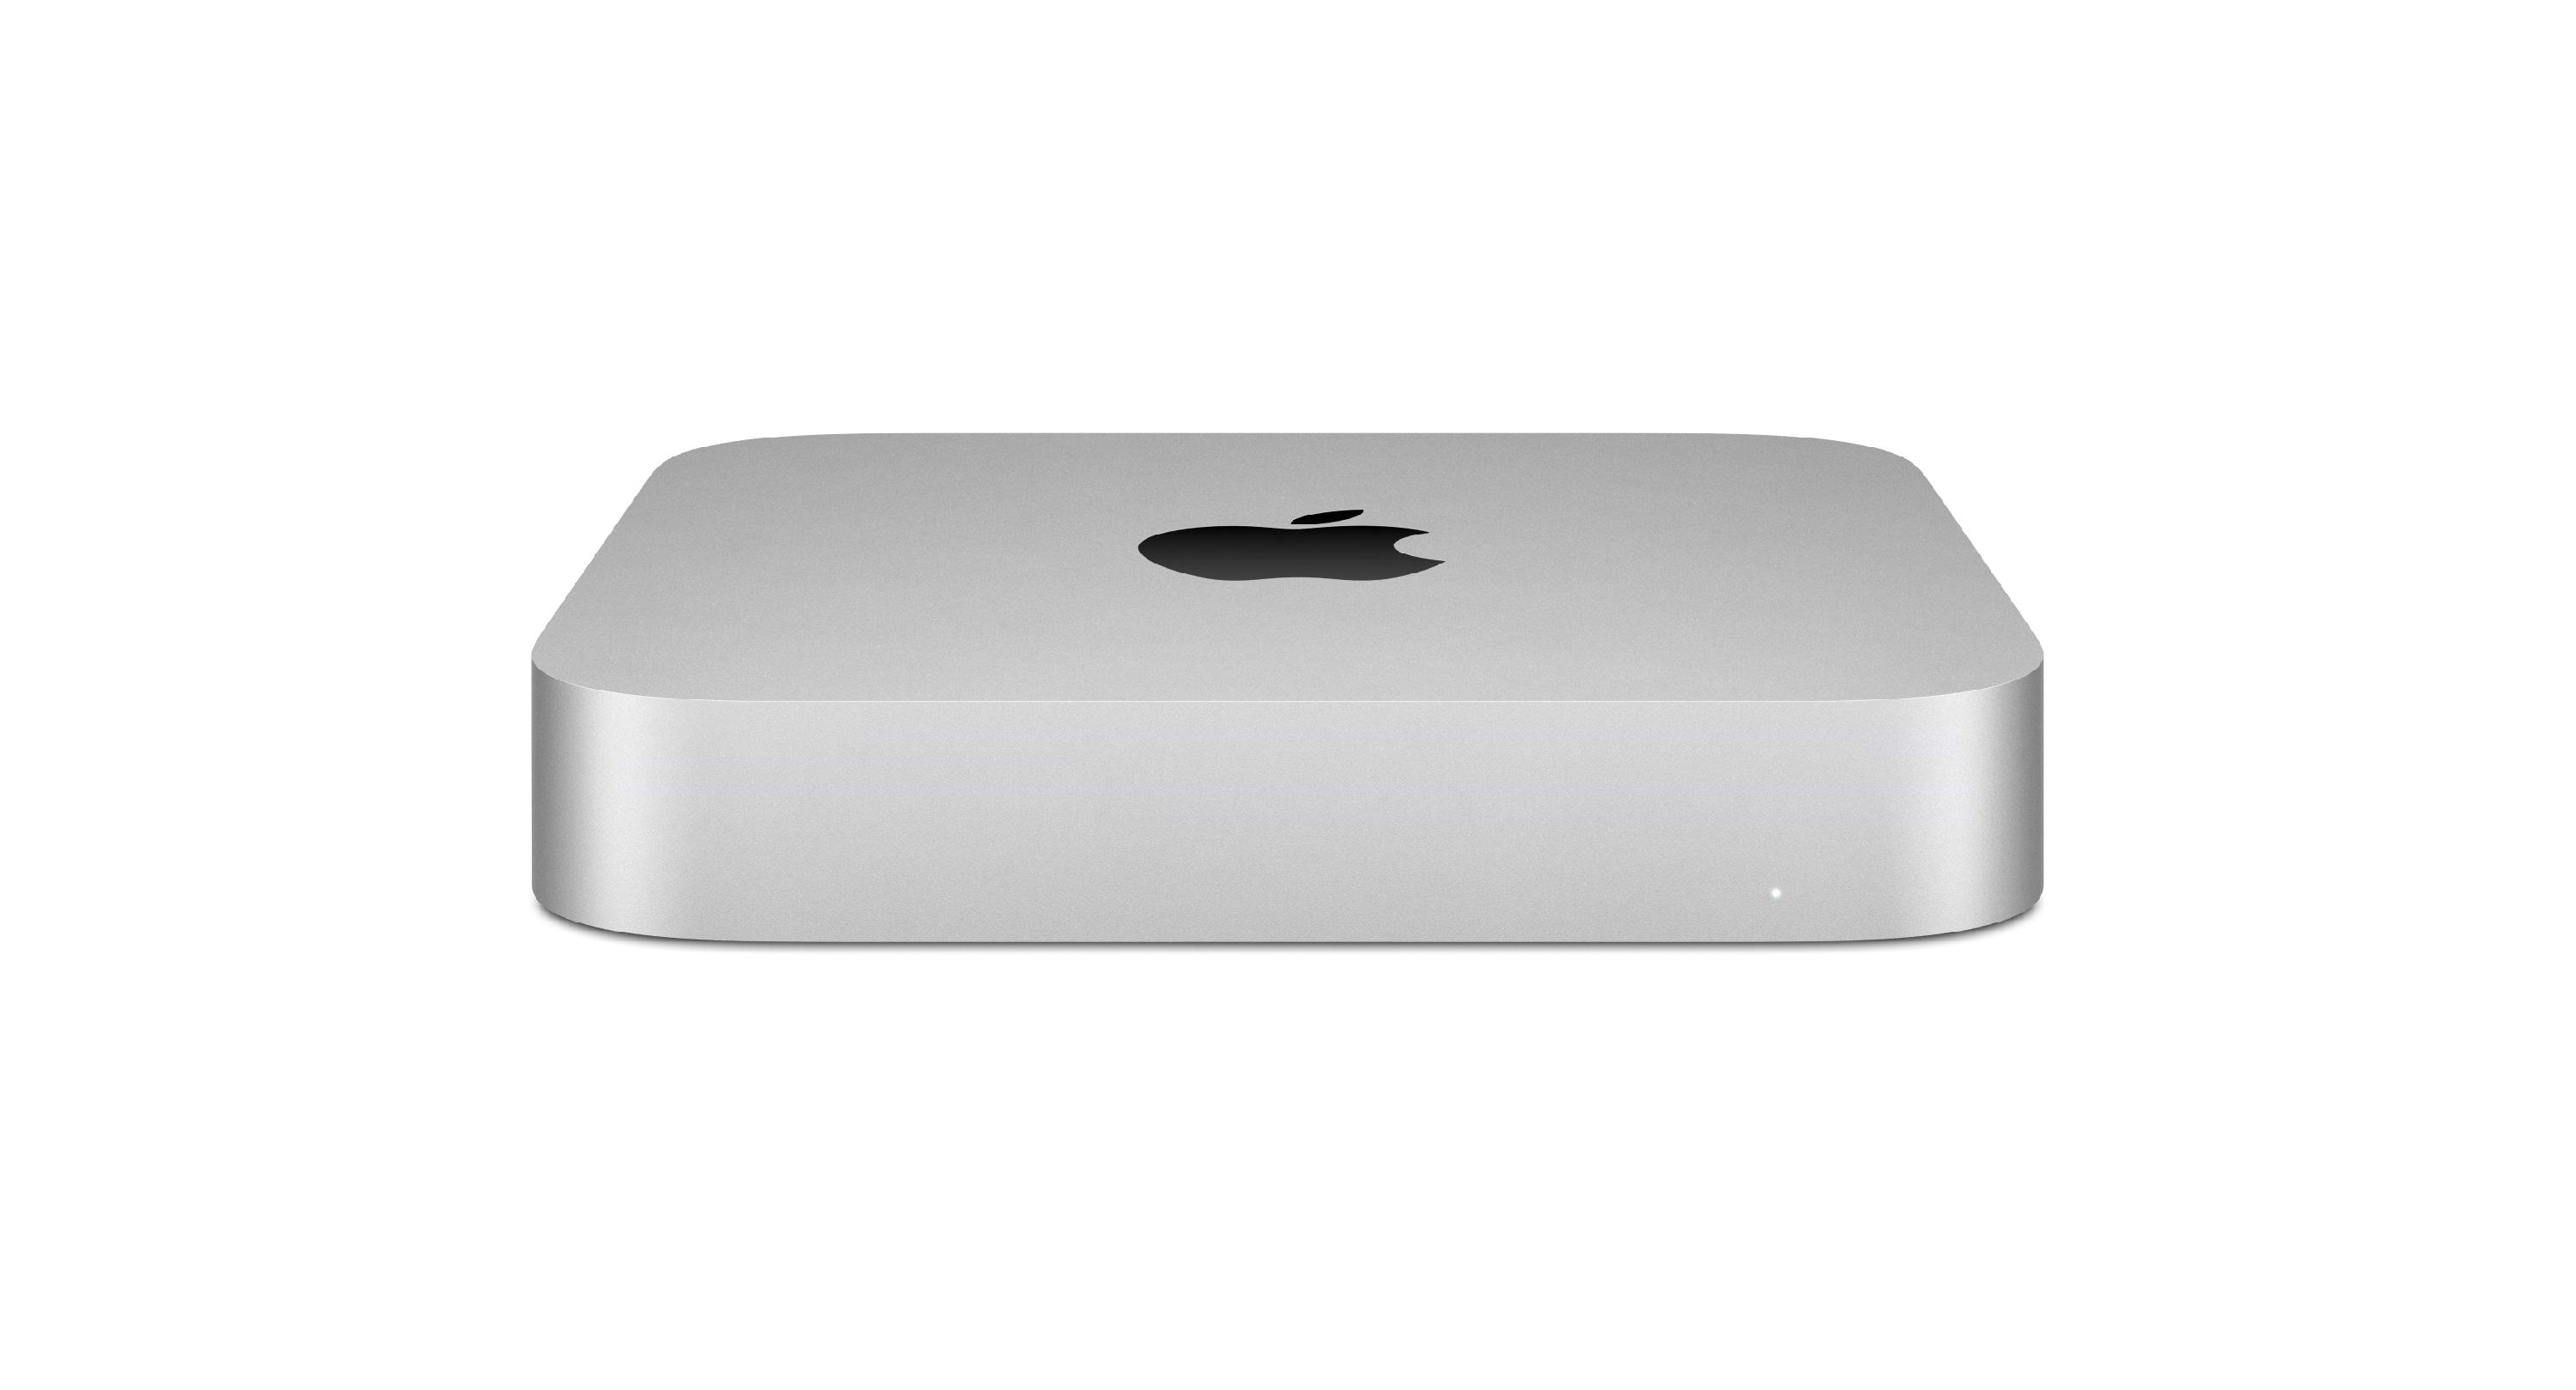 בחרו את ה-Mac Mini שלכם